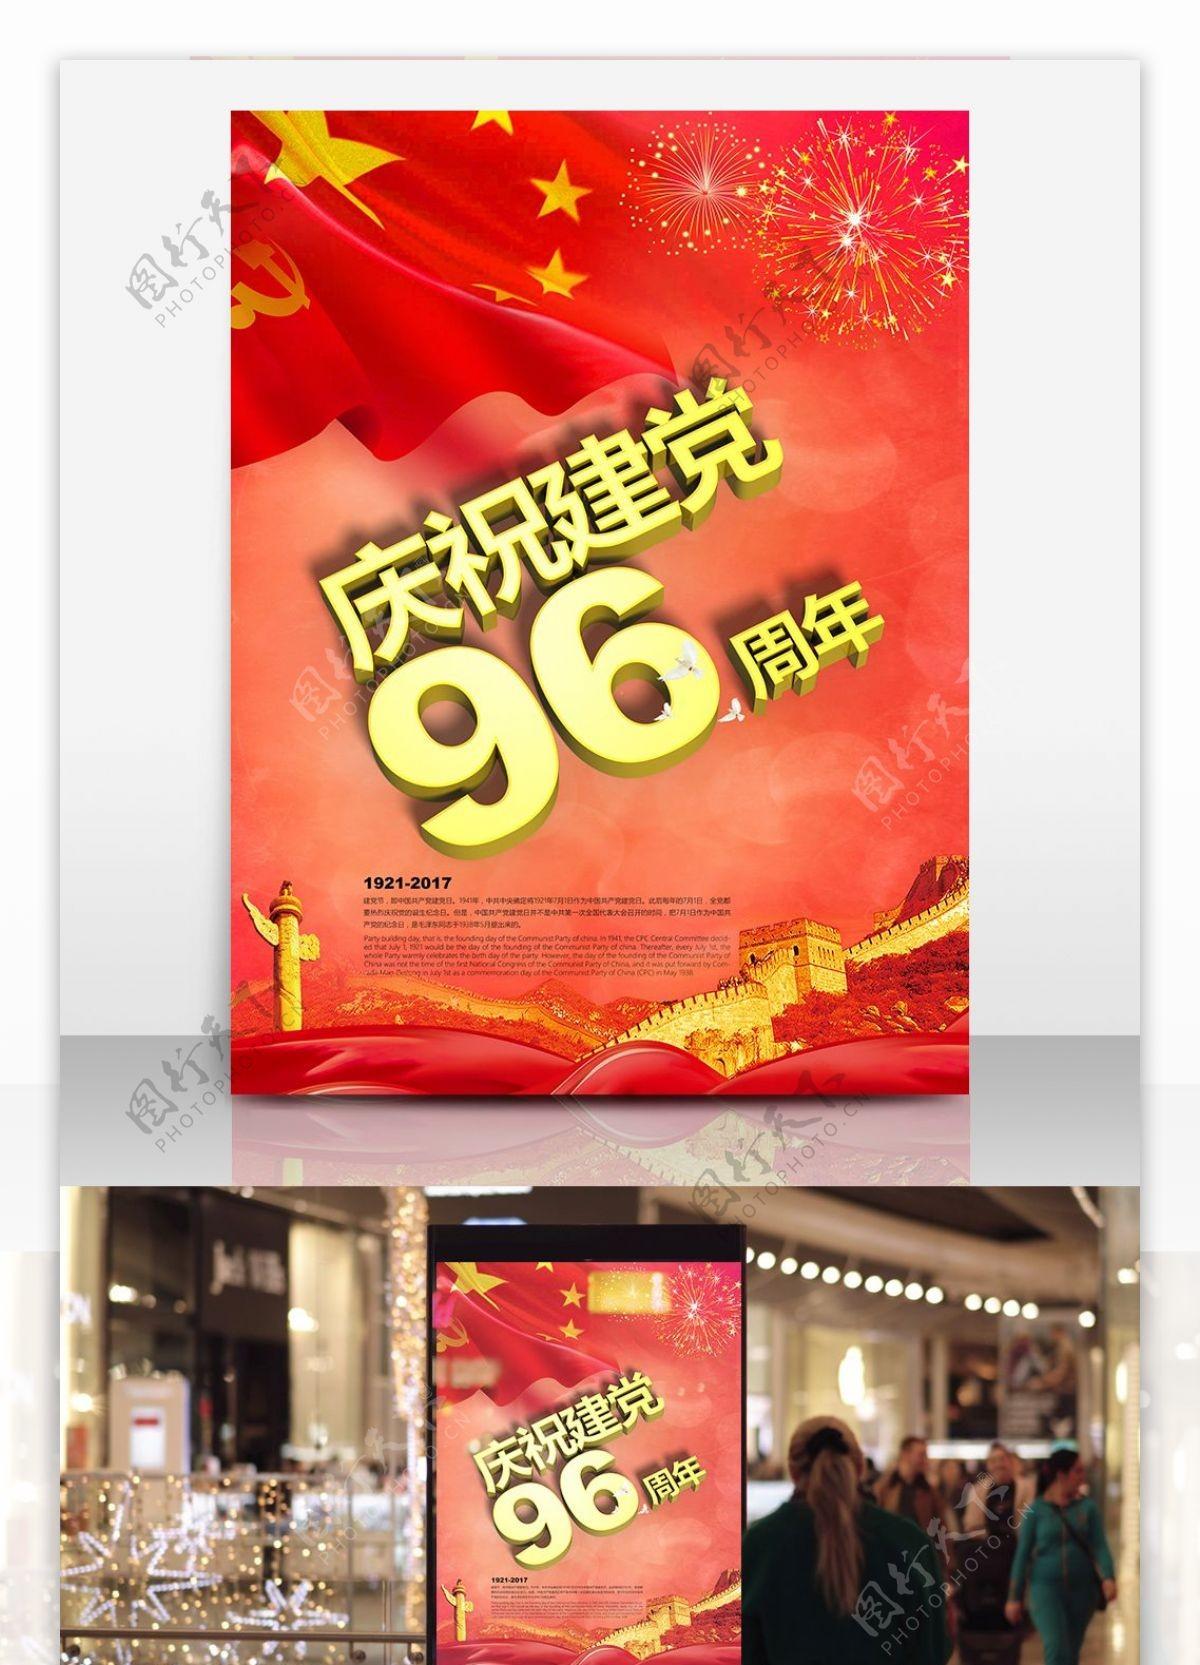 红色建党节庆祝党的生日海报